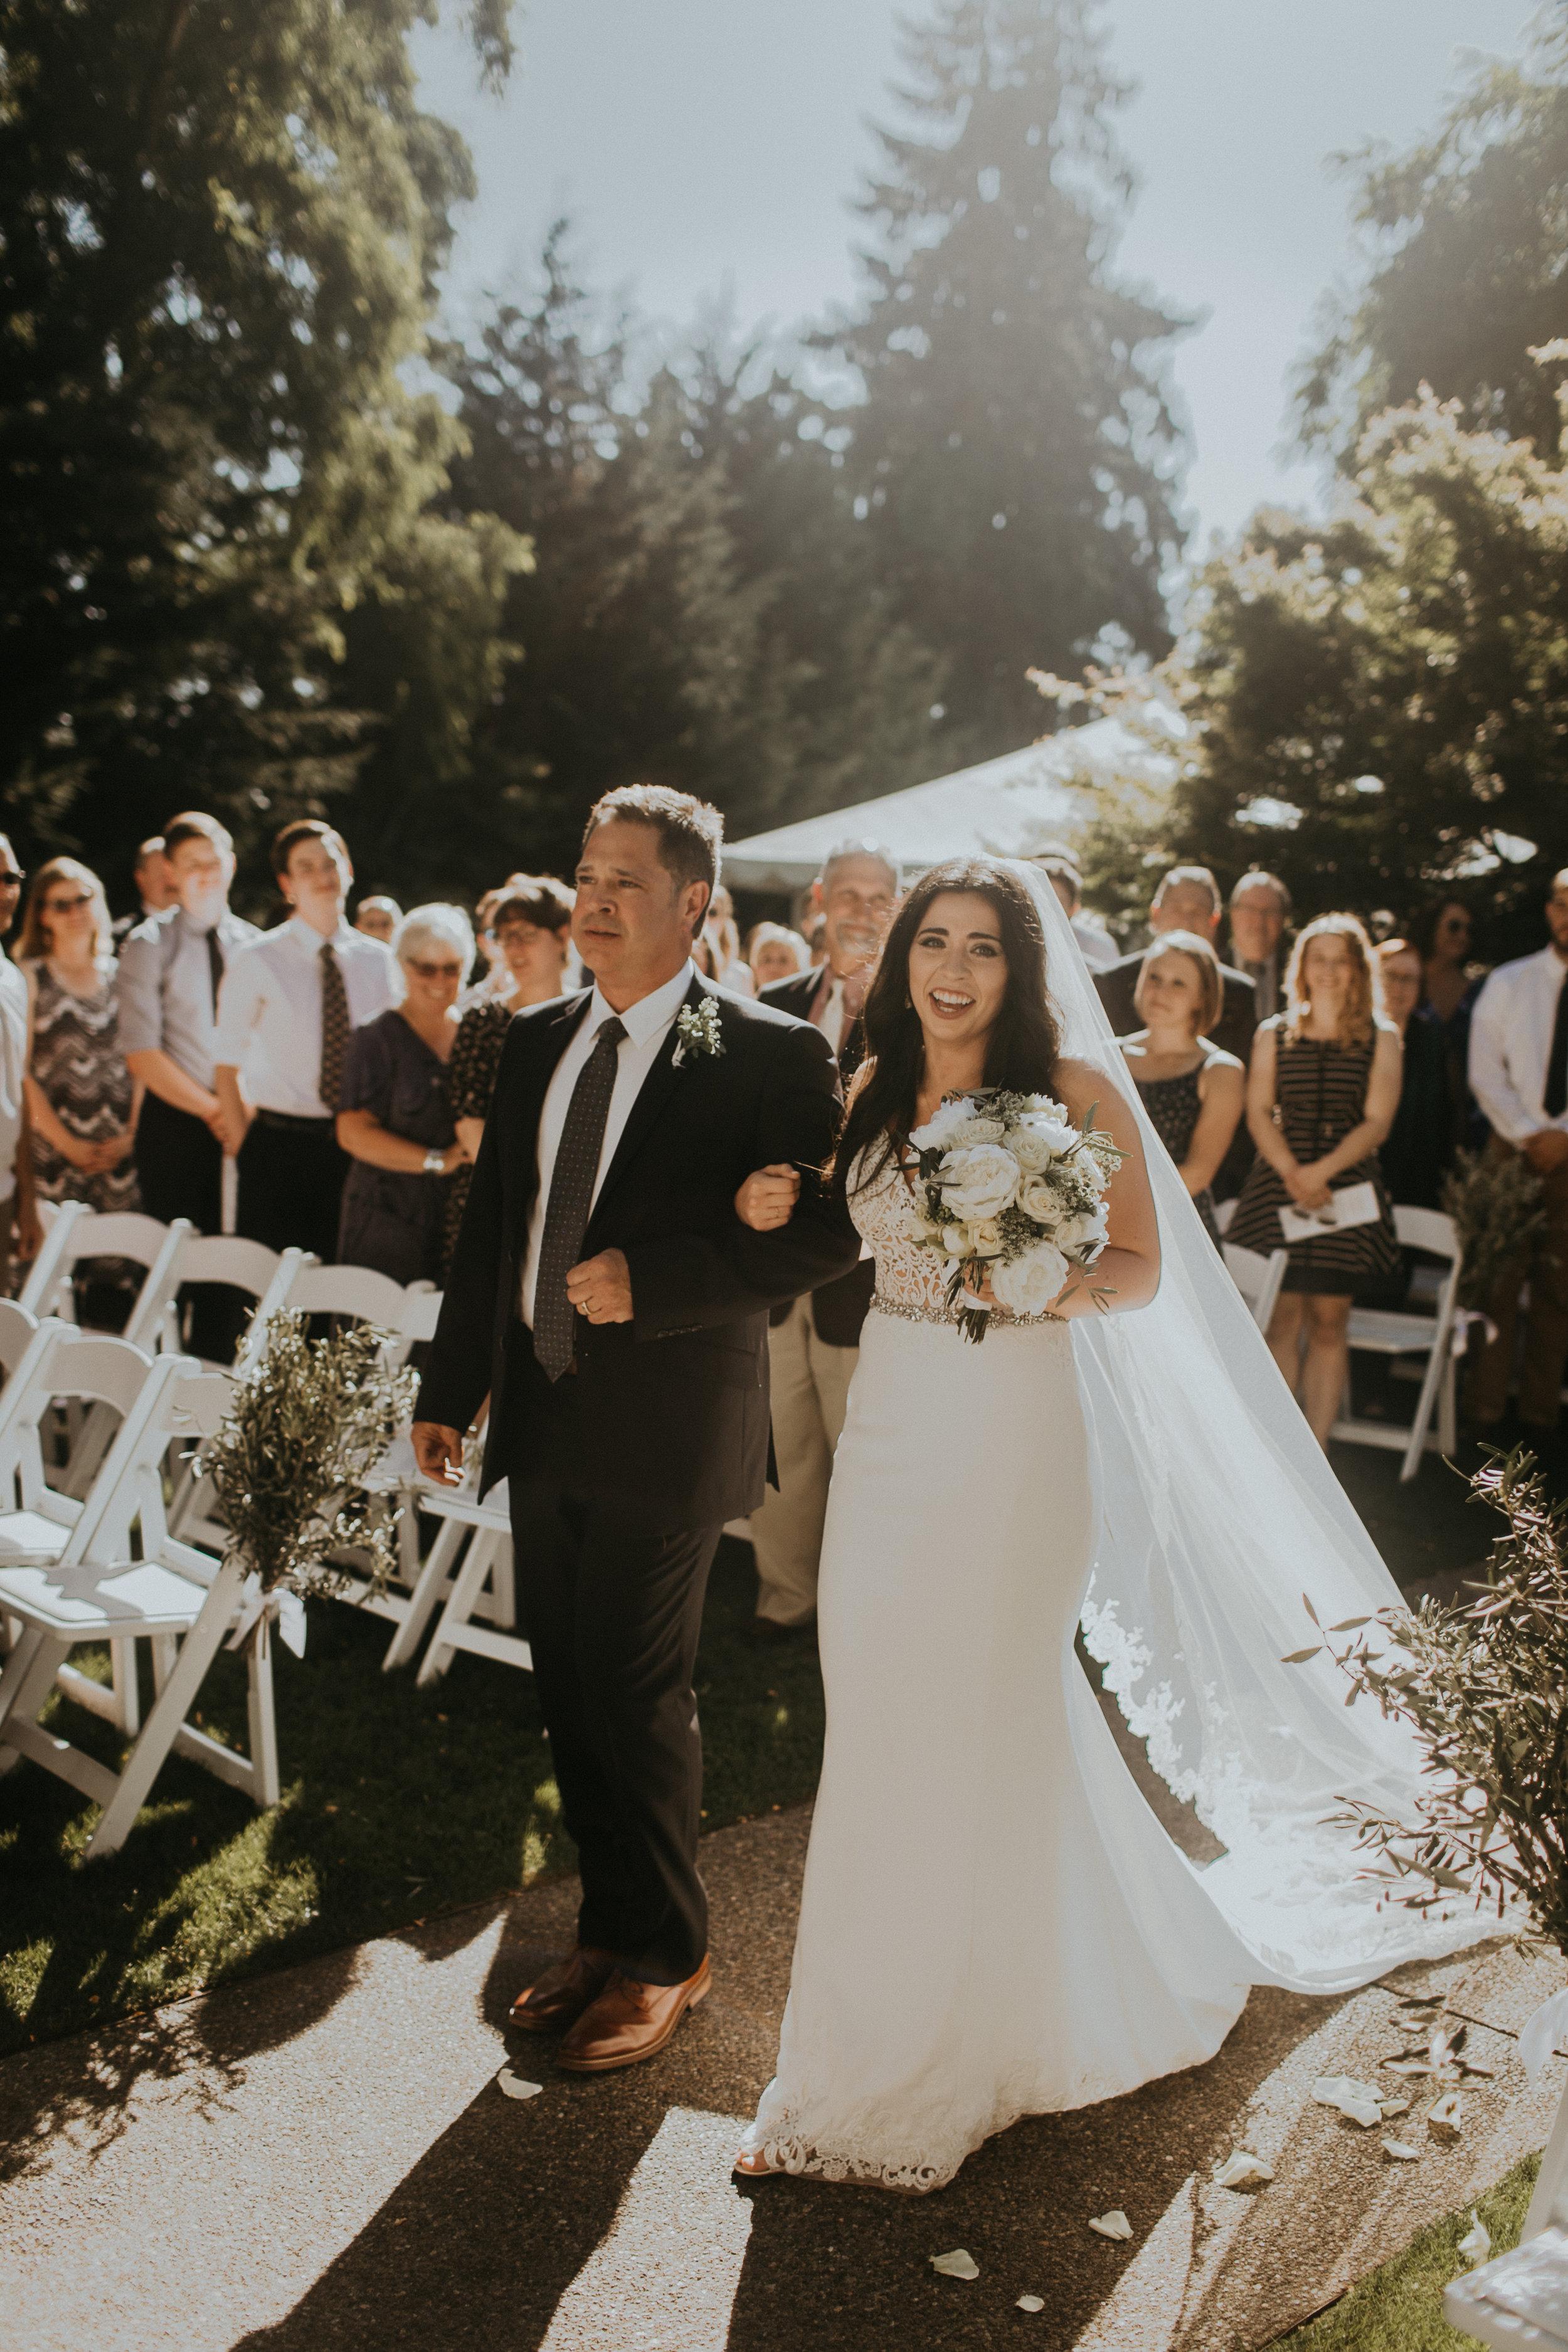 Laurel_Creek_Manor_Sumner_Washington_Wedding_Makenzie+Clark-689.jpg